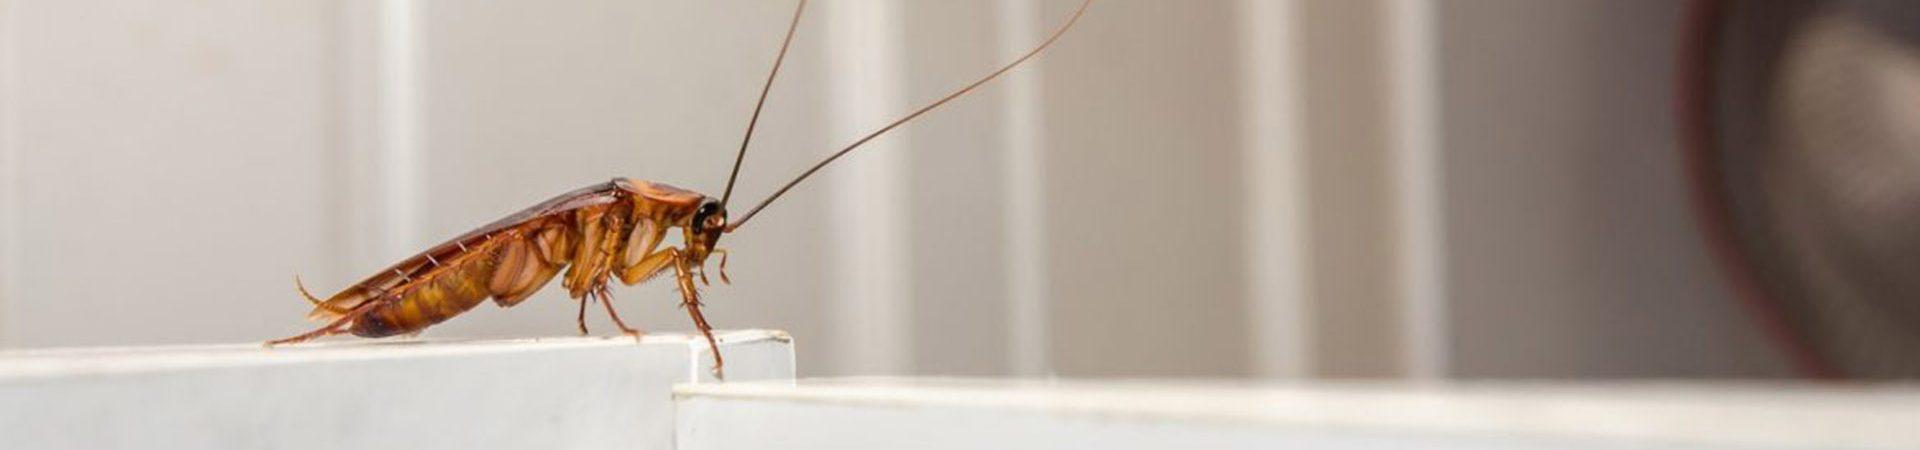 Απεντομώσεις - αντιμετώπιση αρθρόποδων - Κατσαρίδες